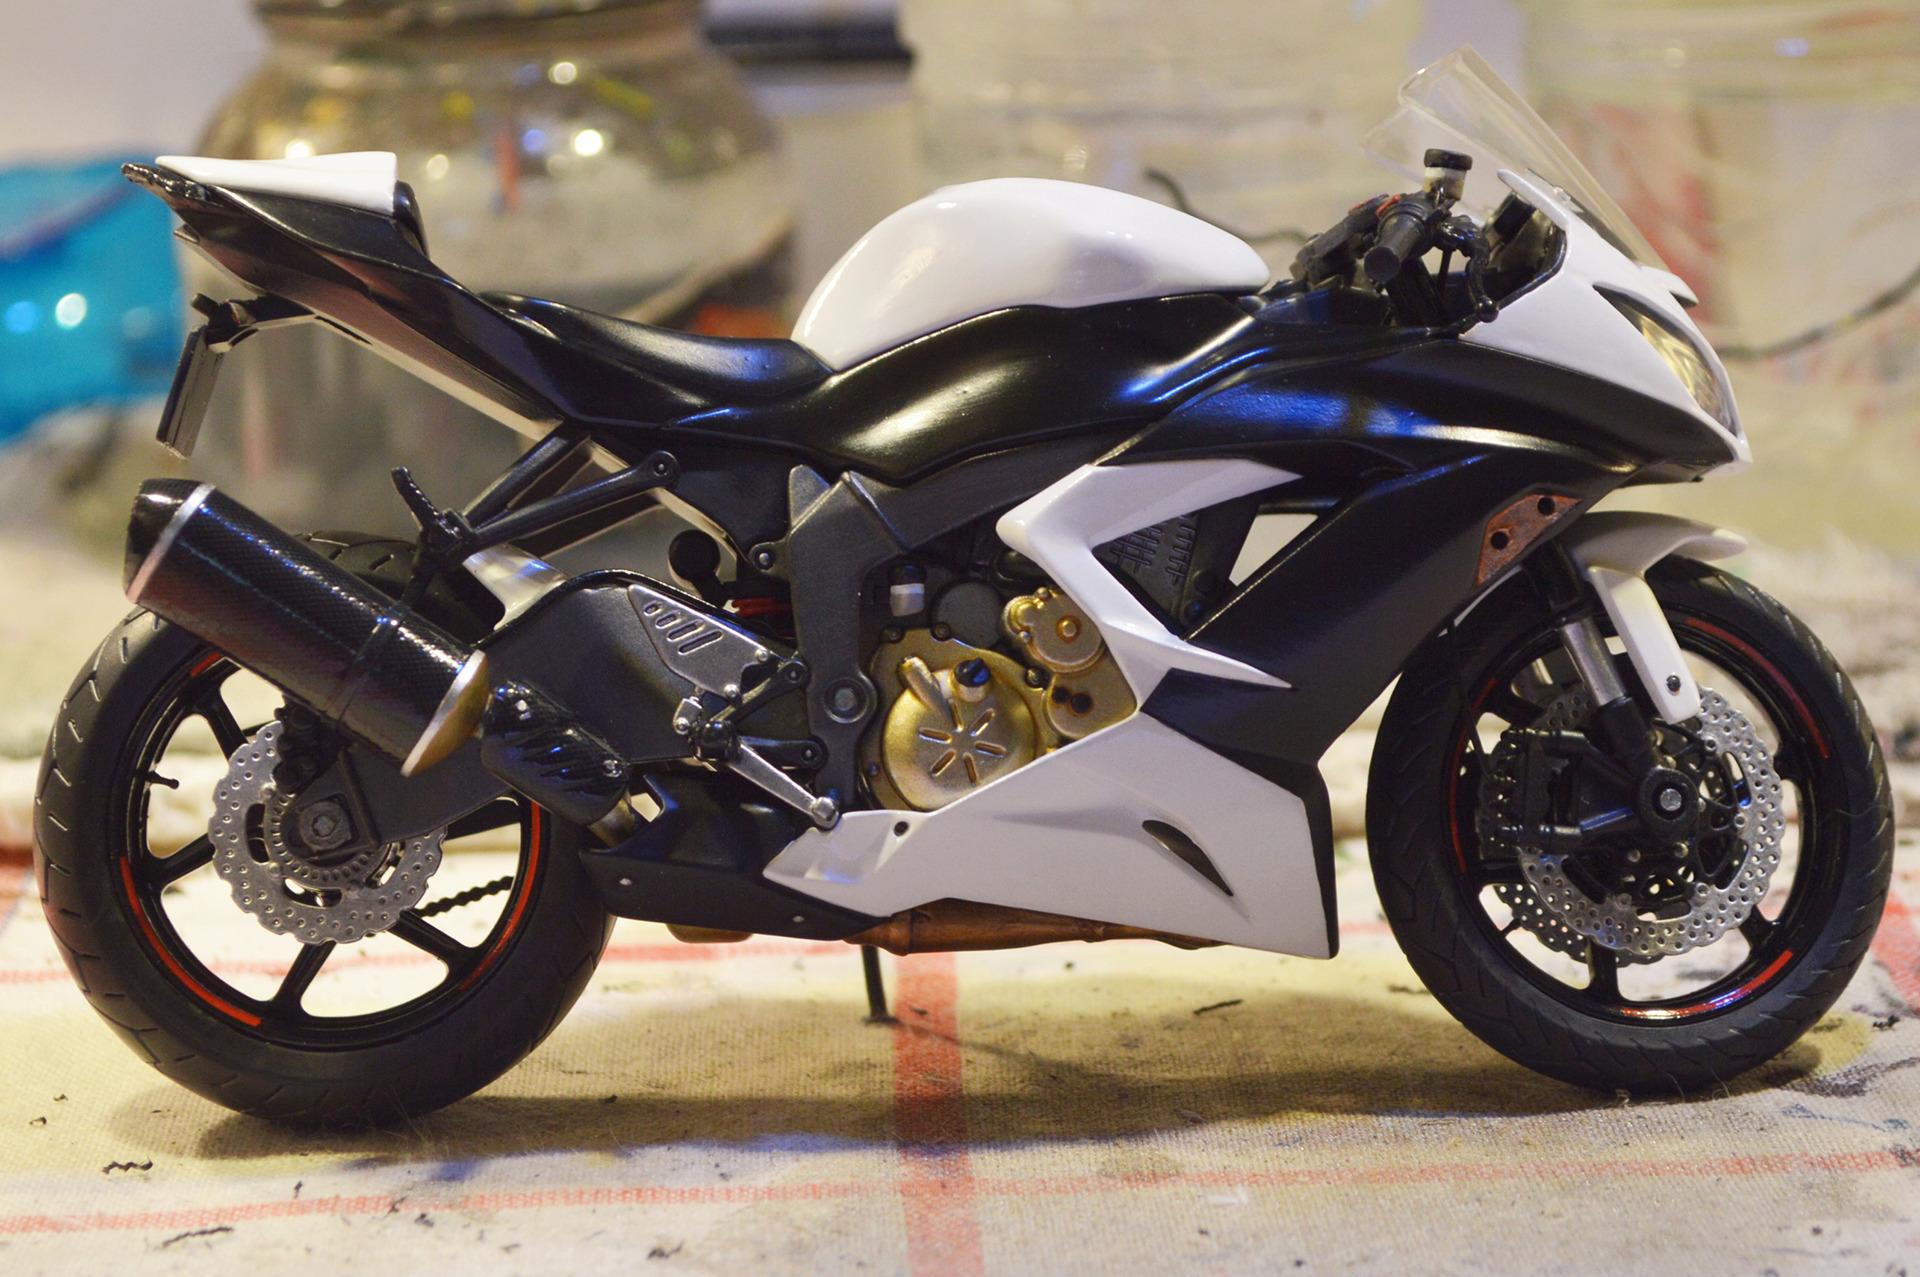 [Moto] Conversion et kit de maquette - Page 2 Carzon10